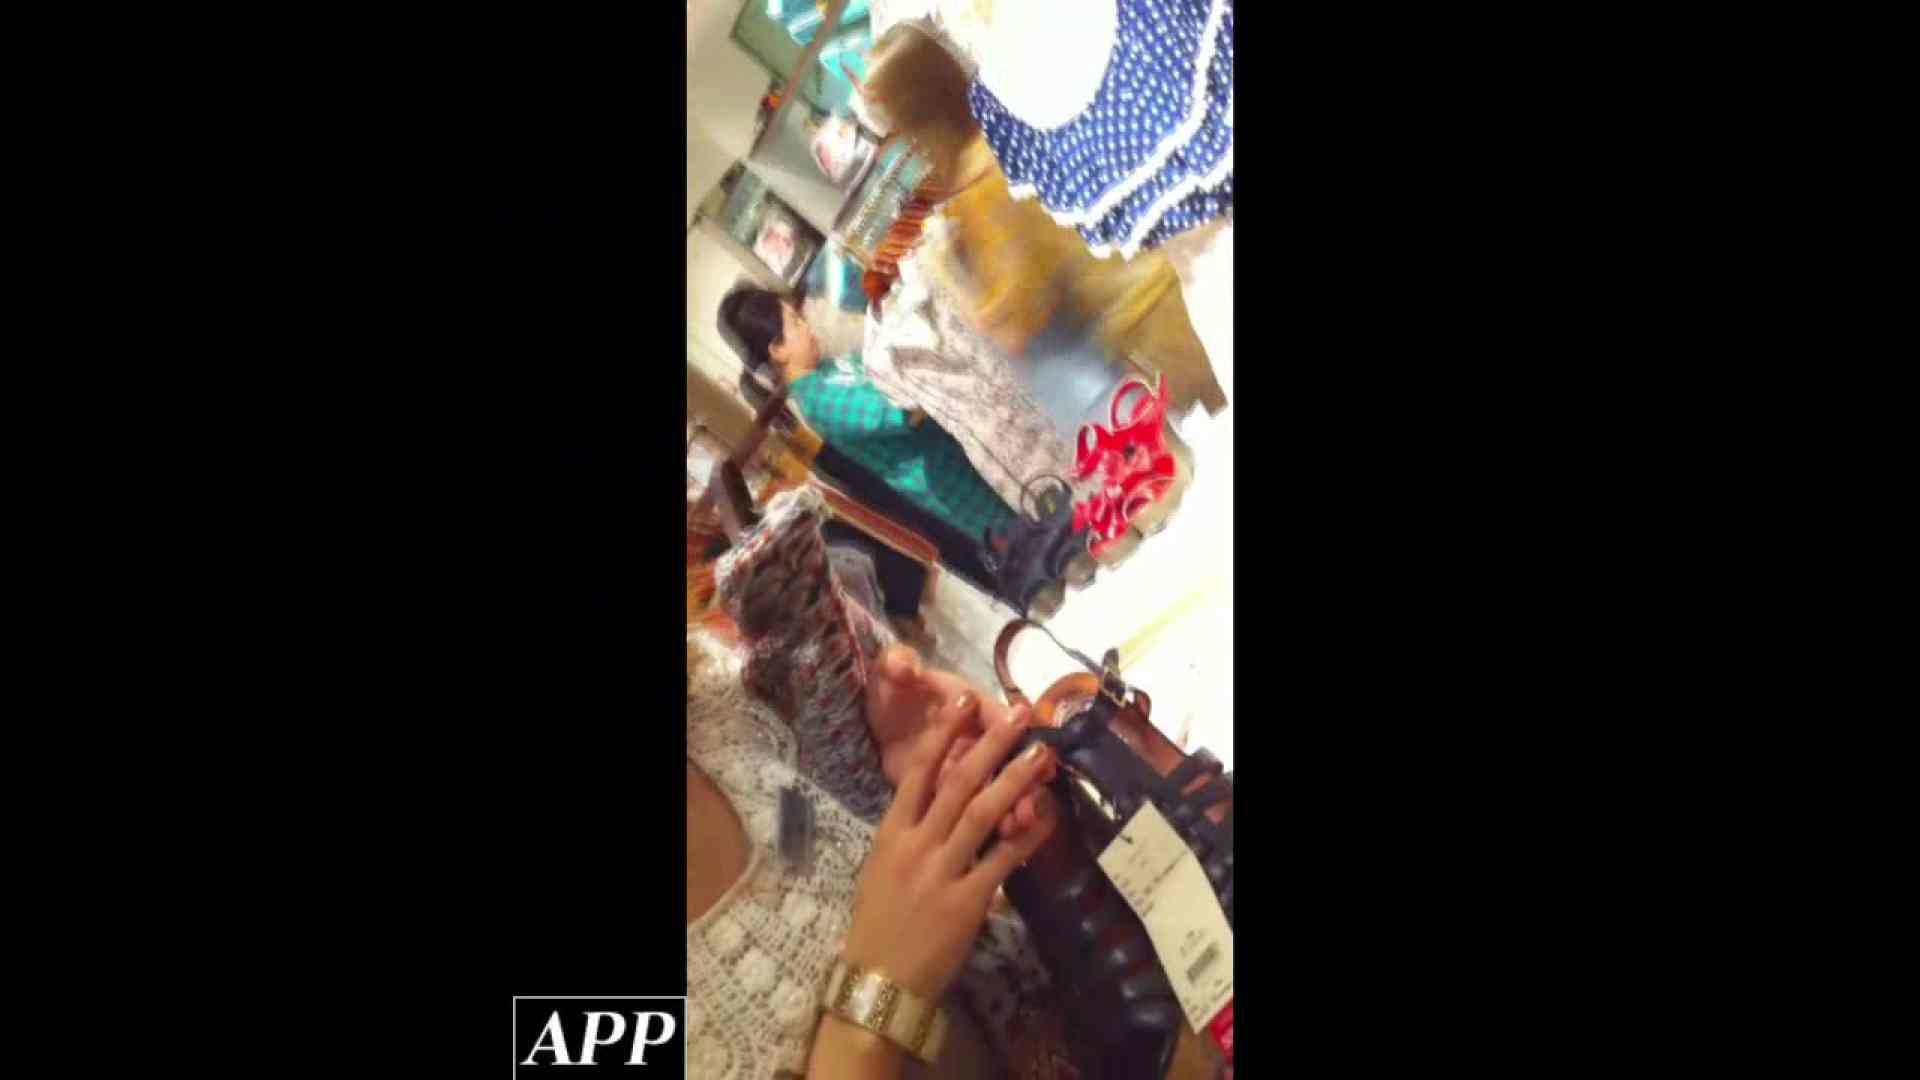 ハイビジョン盗撮!ショップ店員千人斬り!胸チラ編 vol.86 OLエロ画像 盗撮アダルト動画キャプチャ 102PICs 50